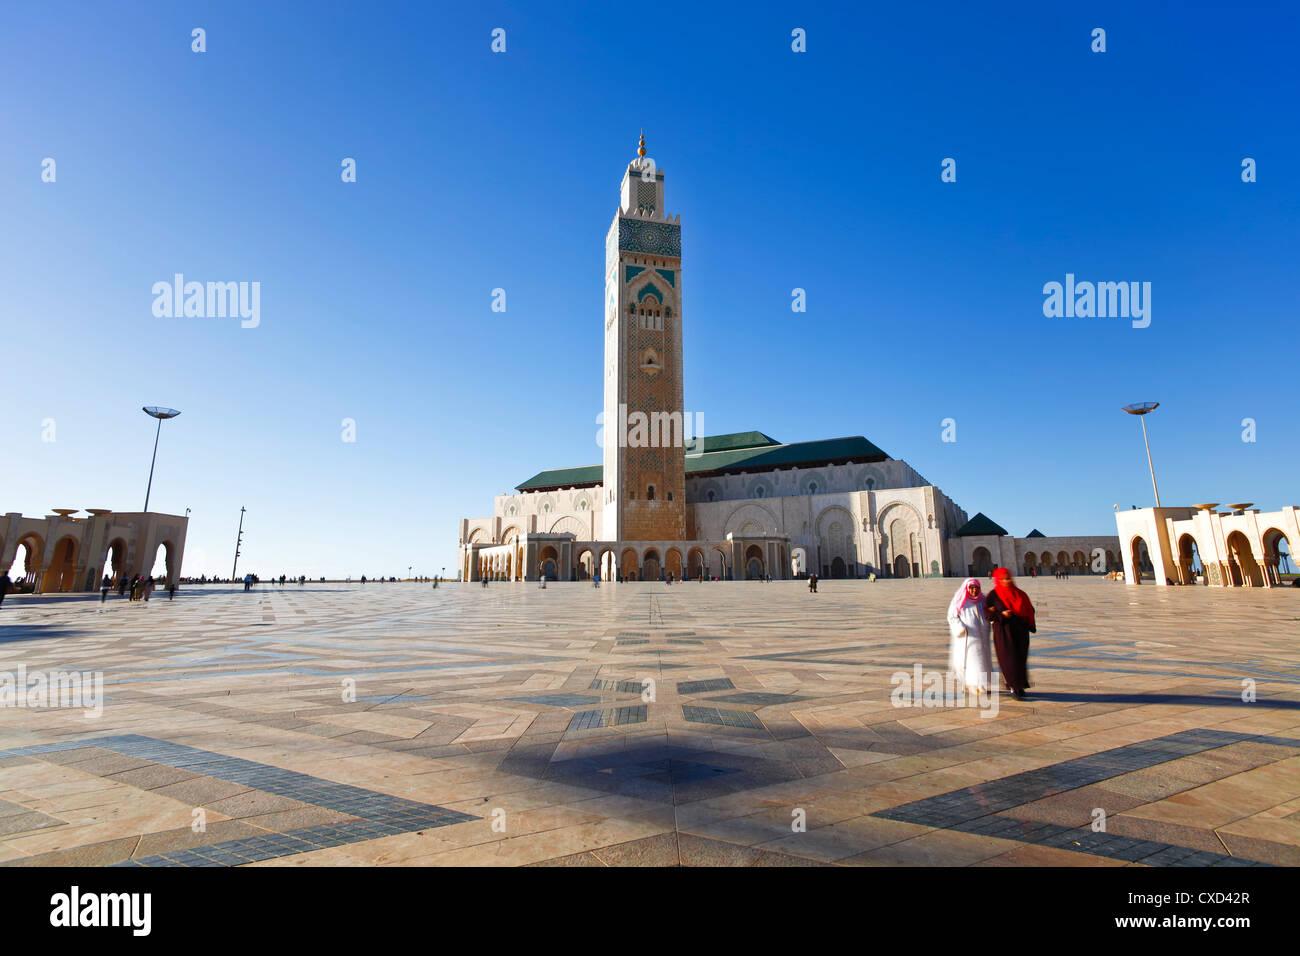 Moschea Hassan II, il terzo più grande moschea del mondo, Casablanca, Marocco, Africa Settentrionale, Africa Immagini Stock